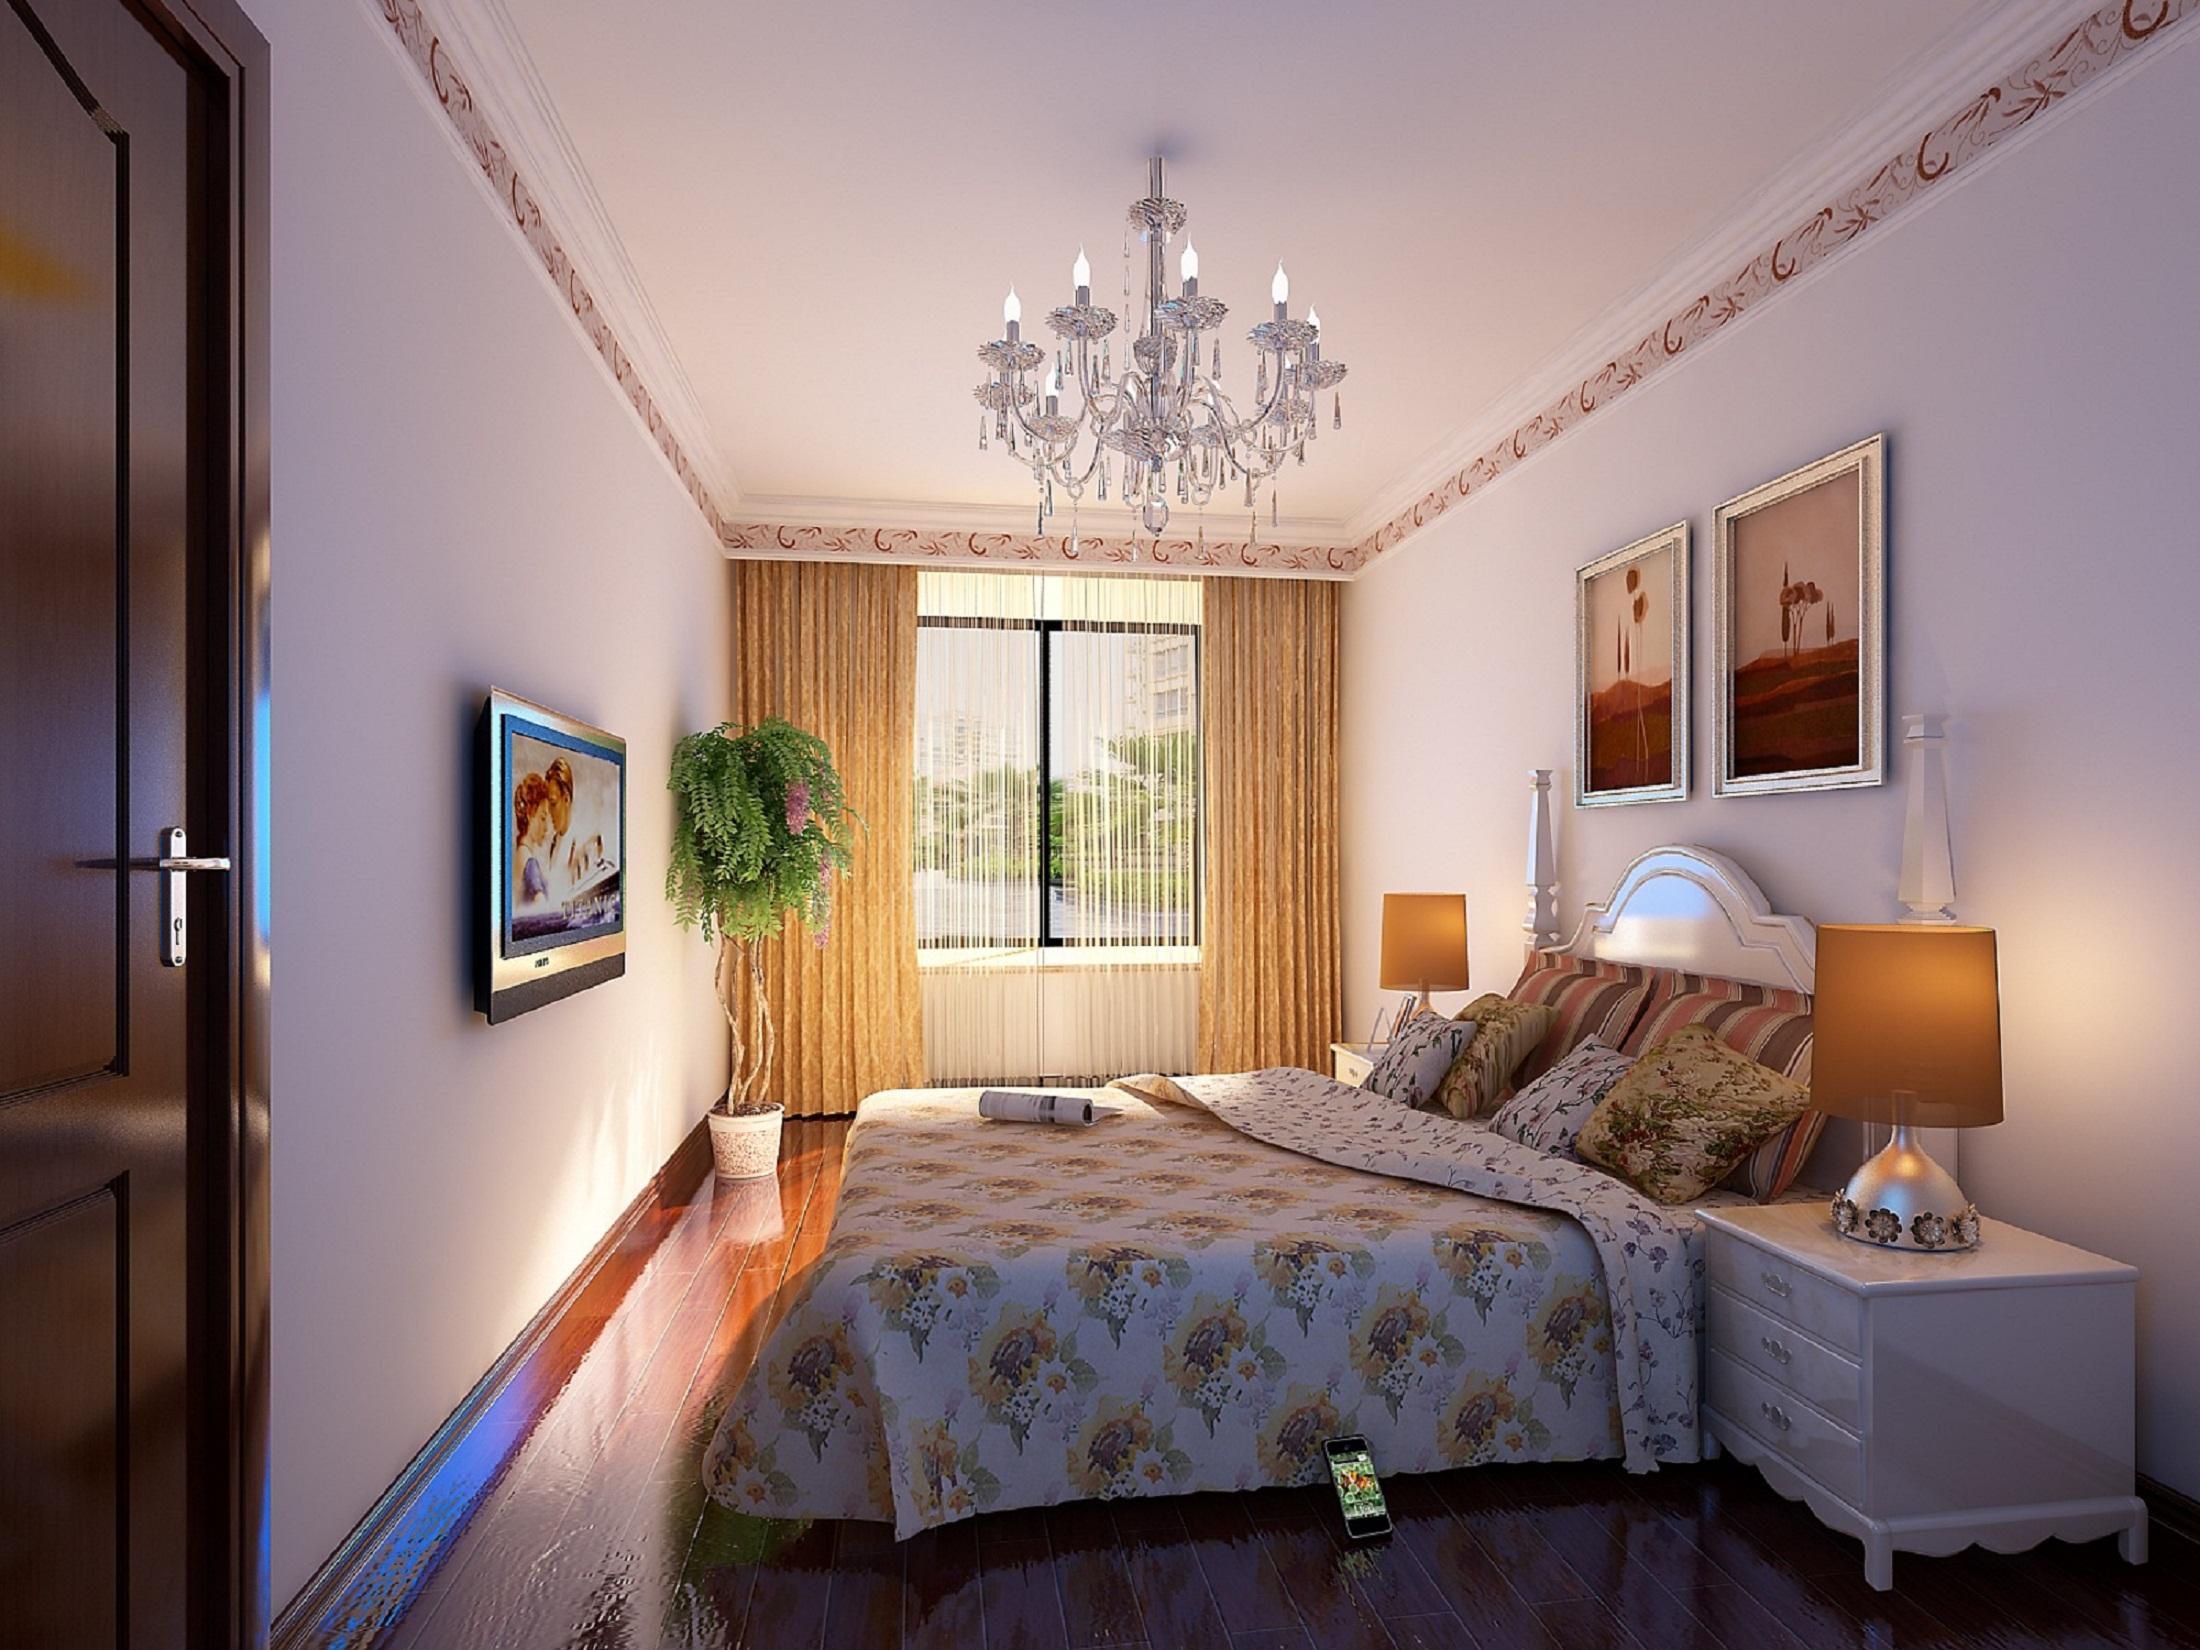 背景墙 房间 家居 起居室 设计 卧室 卧室装修 现代 装修 2200_1650图片